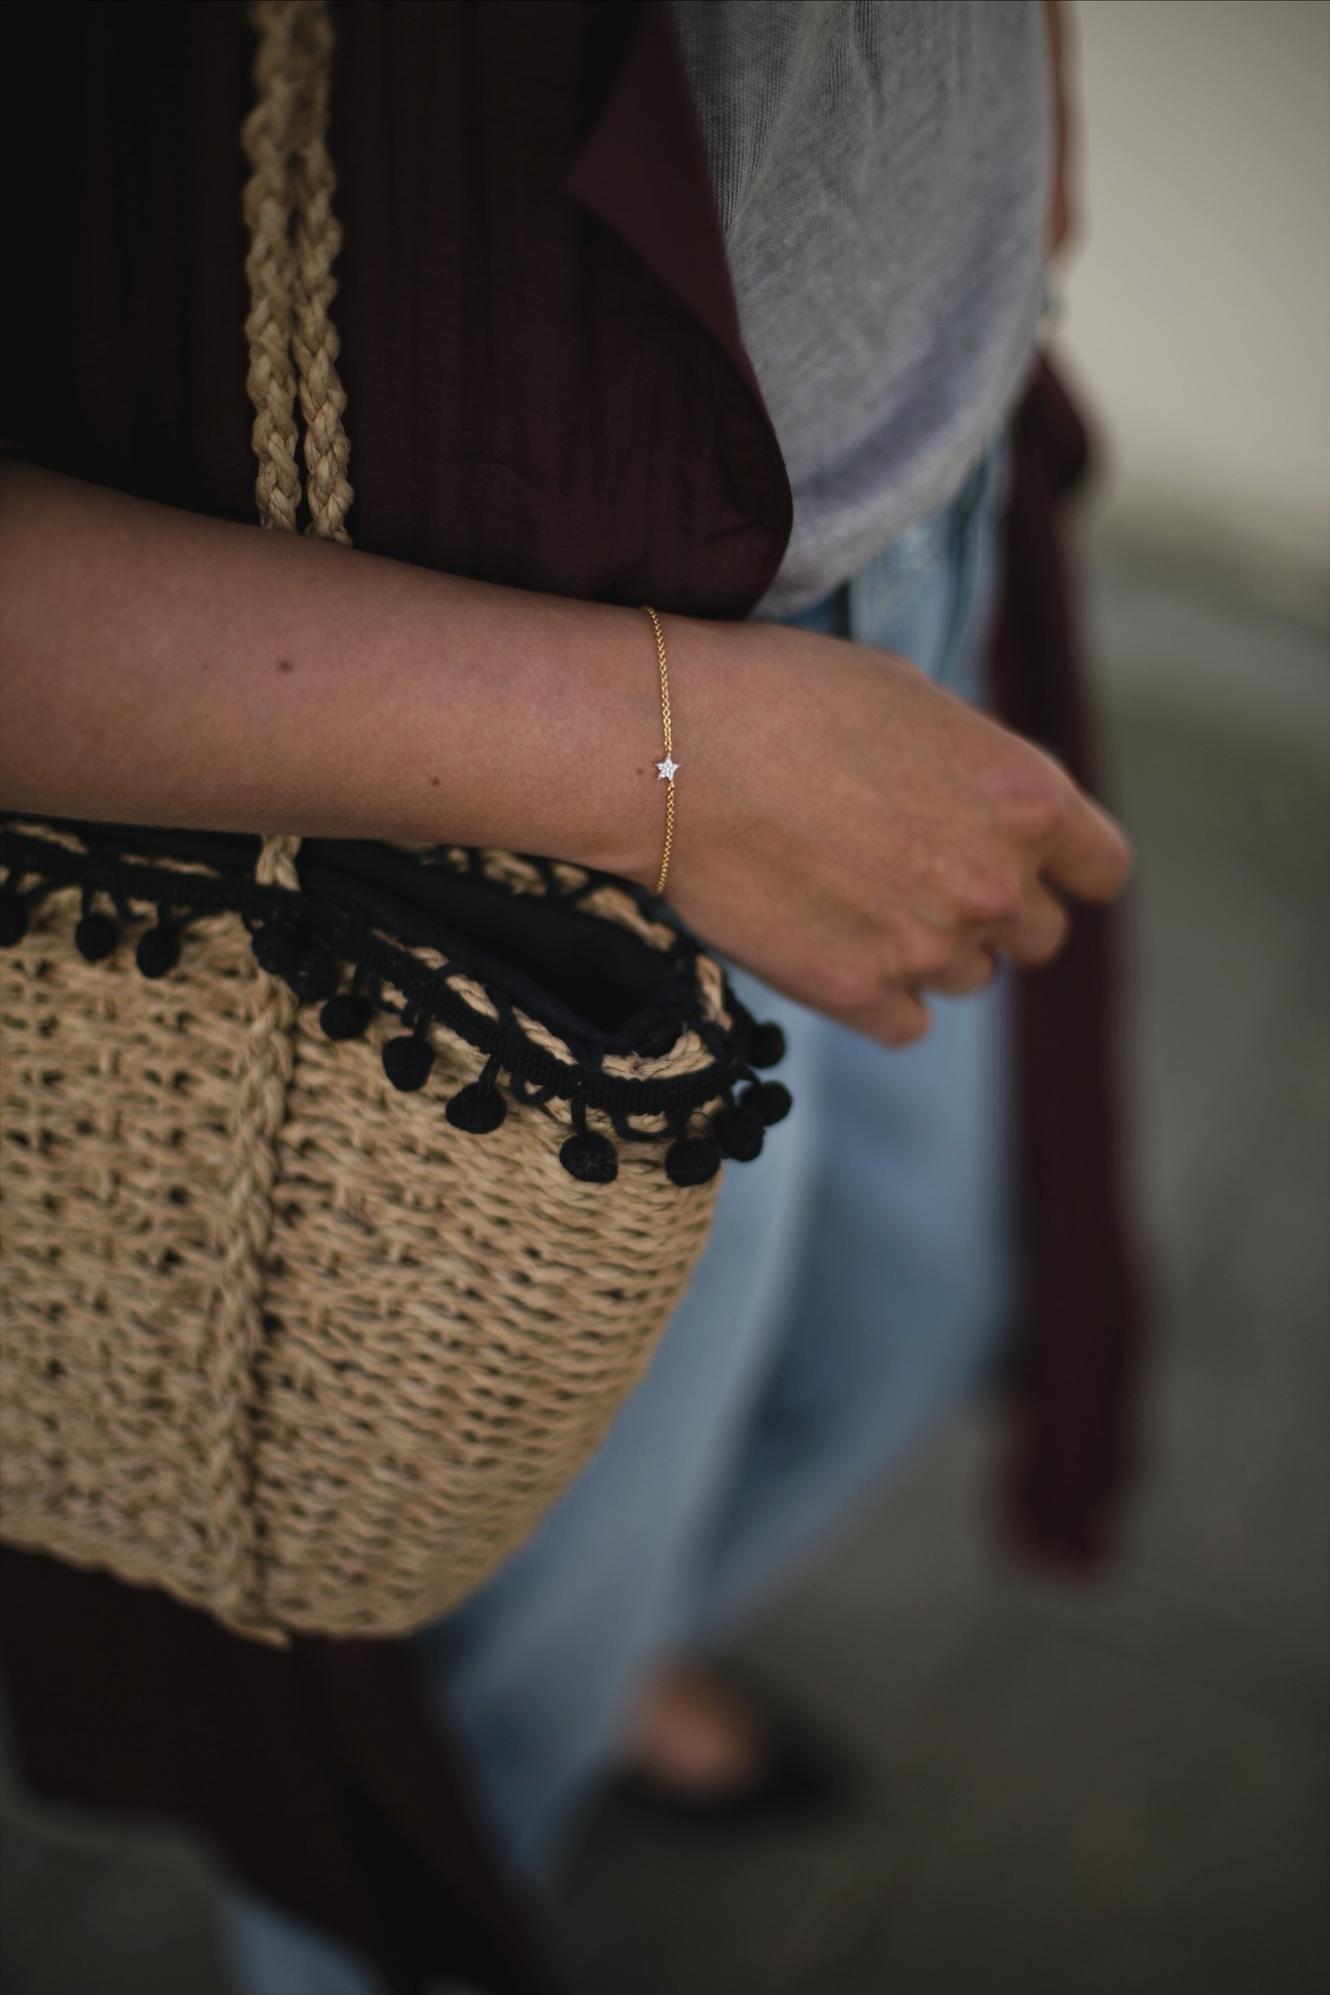 dainty gold pave star bracelet, straw basket bag, outfit details